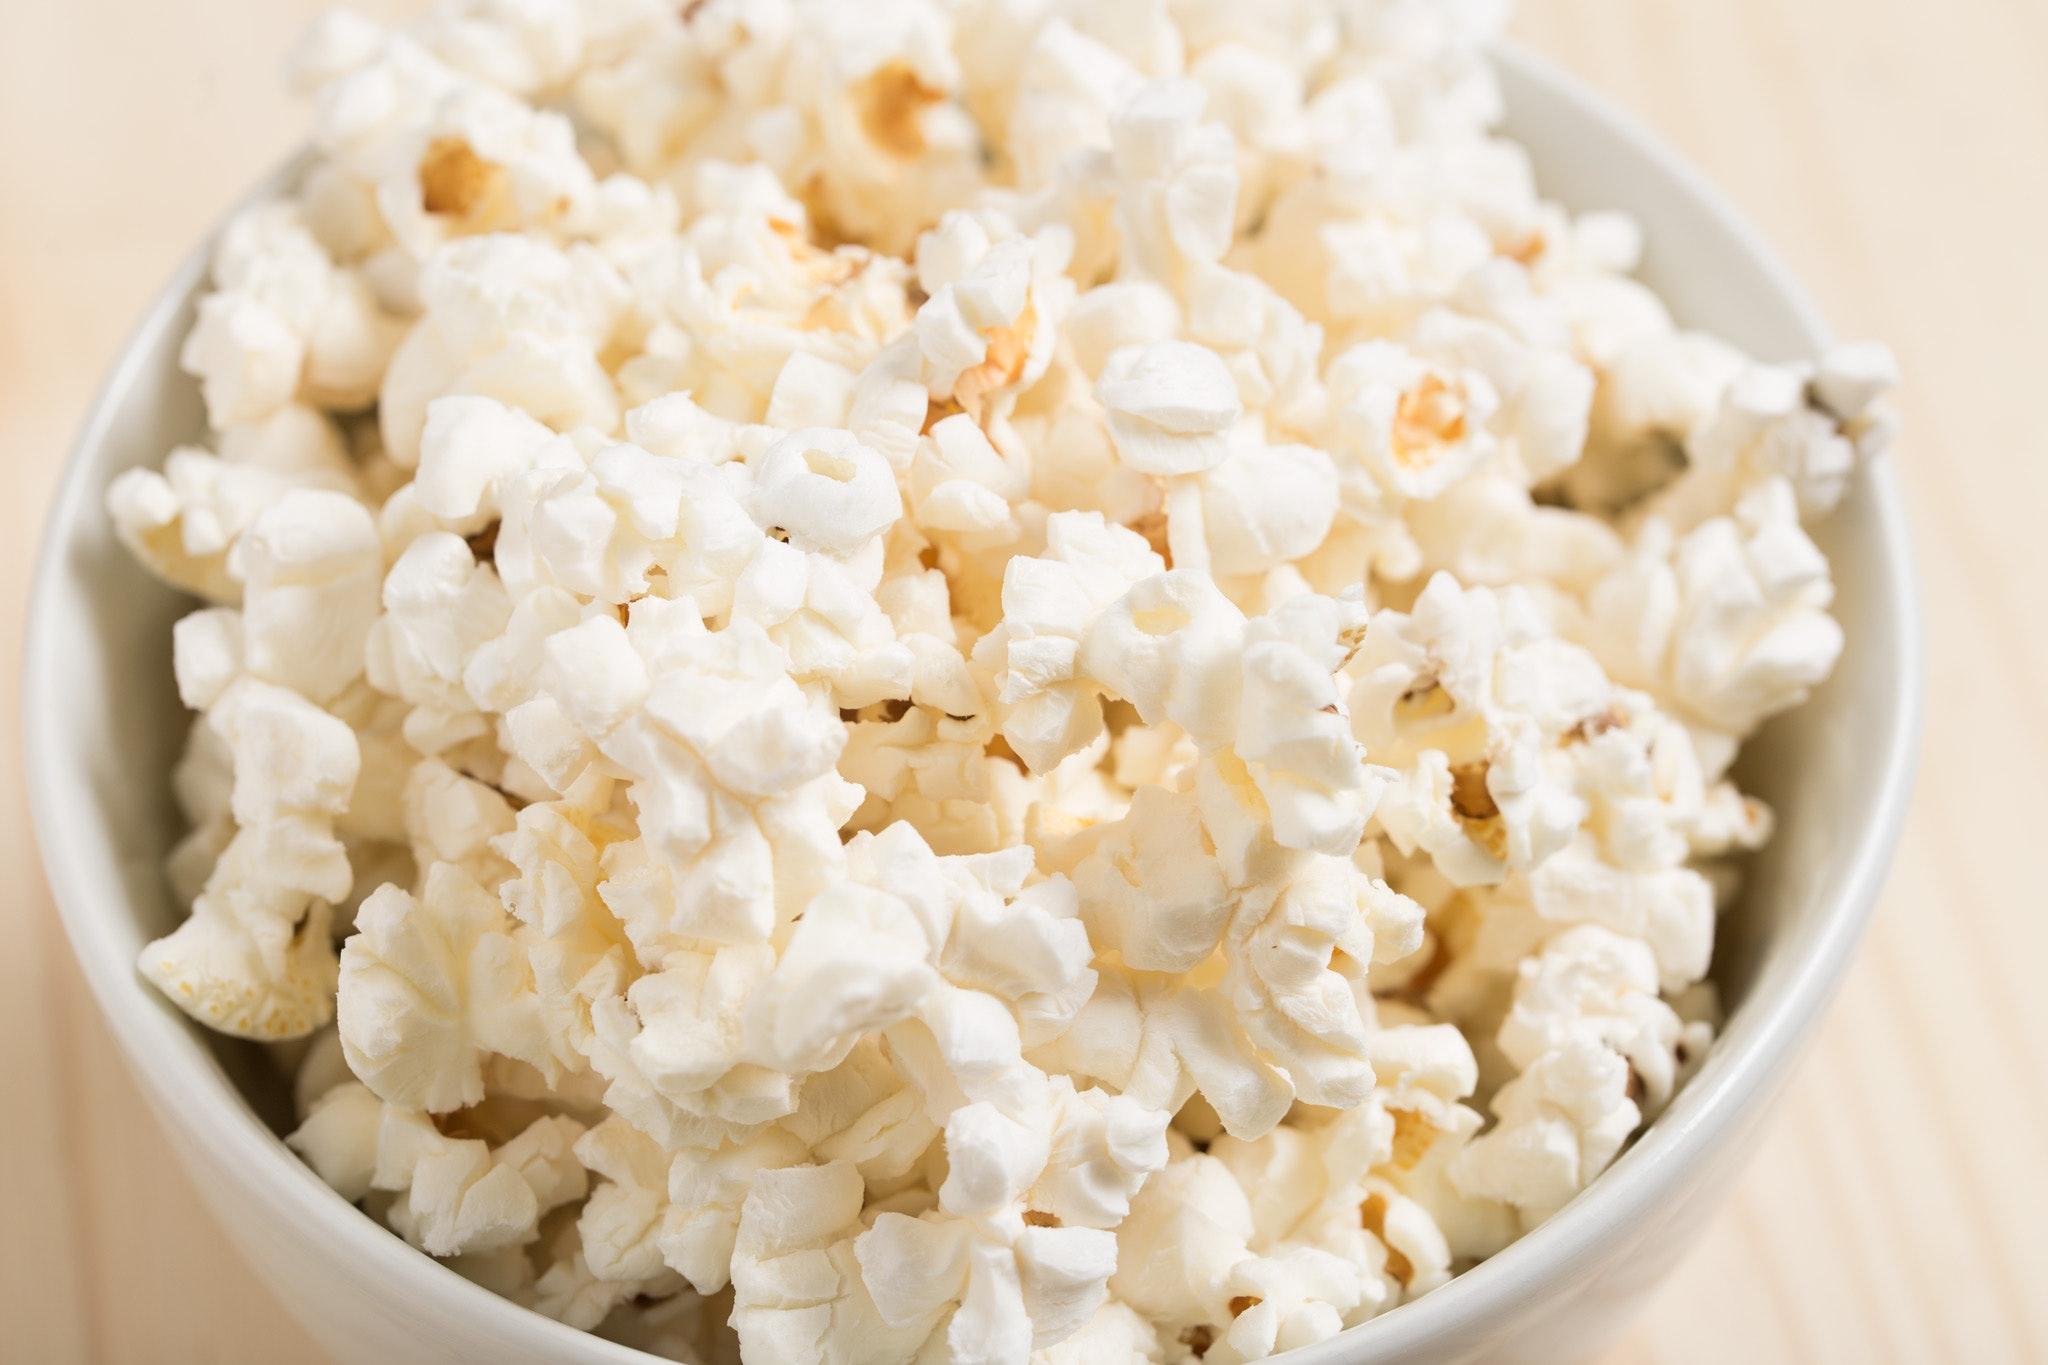 movie-popcorn-snack-57043.jpg